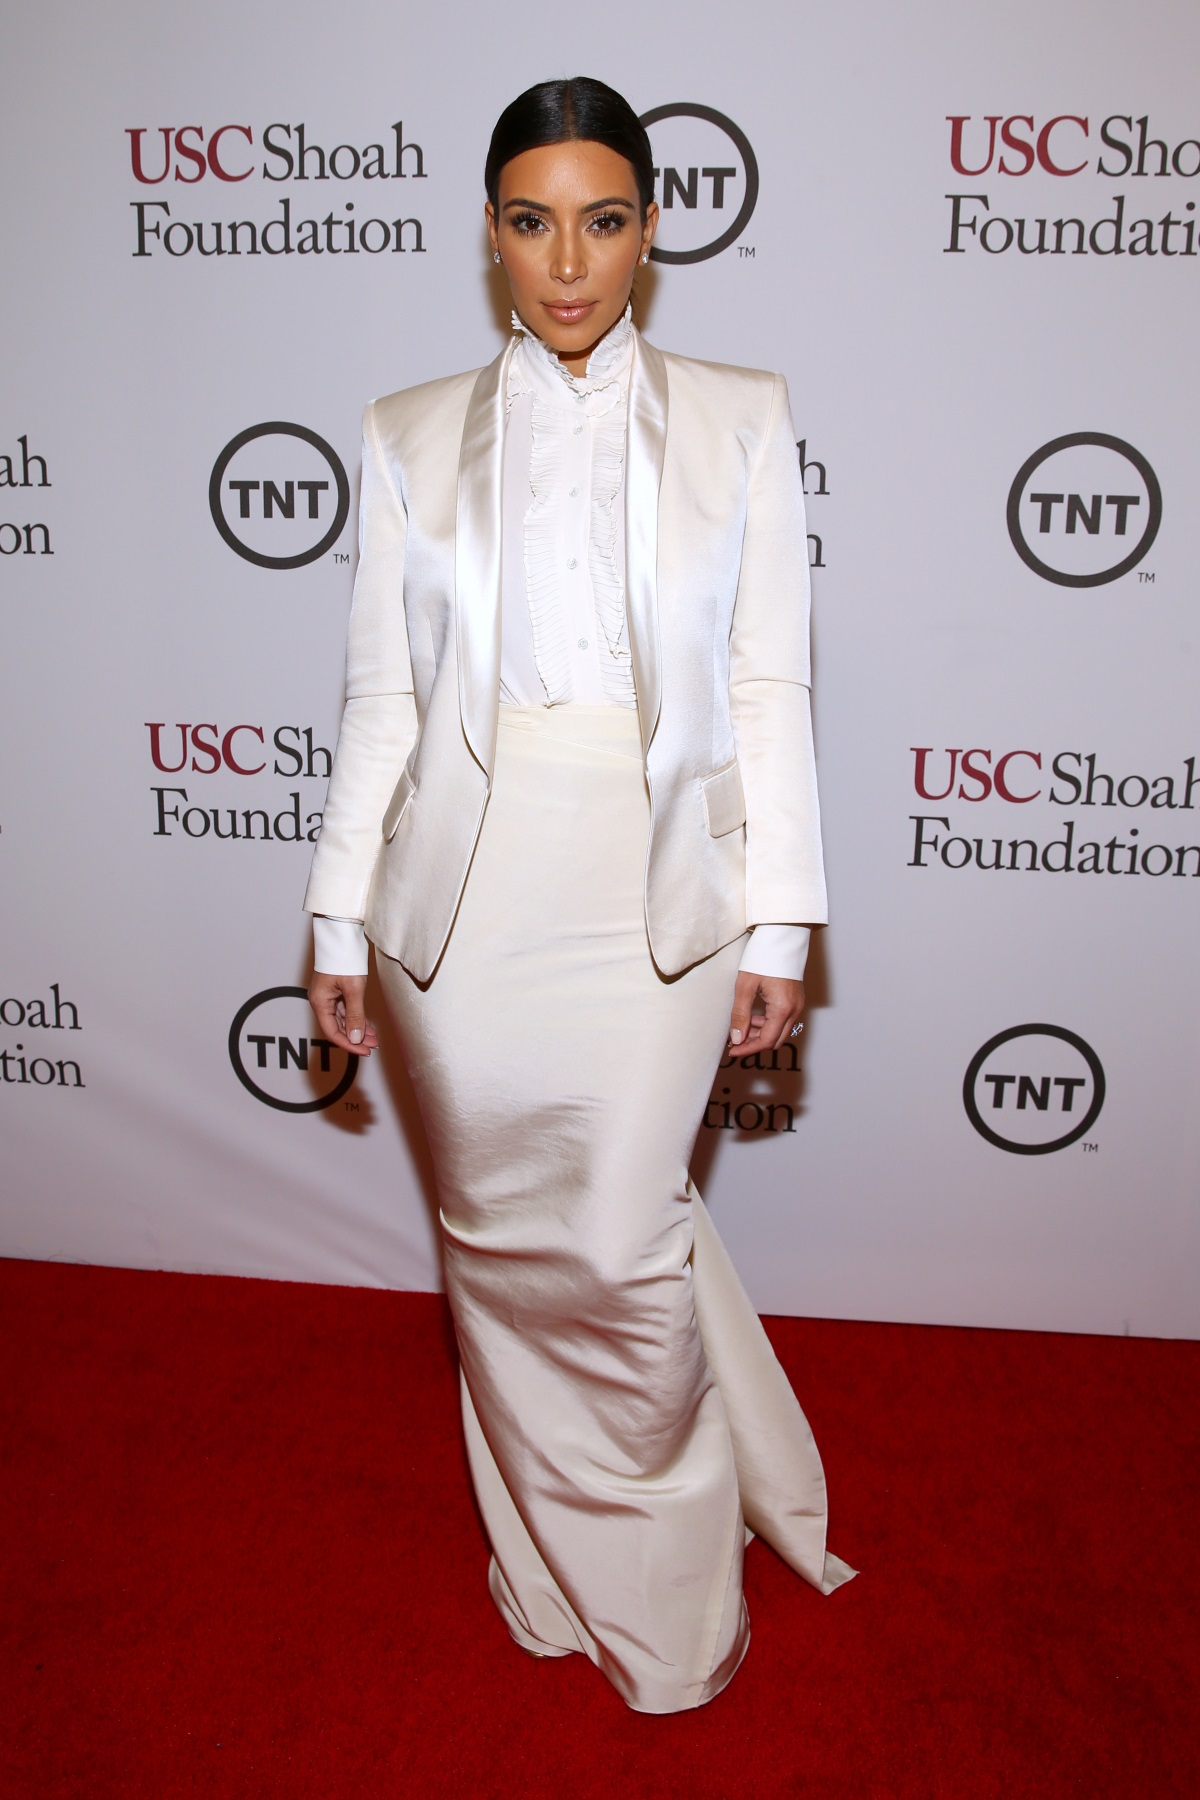 Ким Кардашиян е признавала, че веднъж изкуственият ѝ тен се е разтекал, докато кърмела дъщеря си Норт Уест.